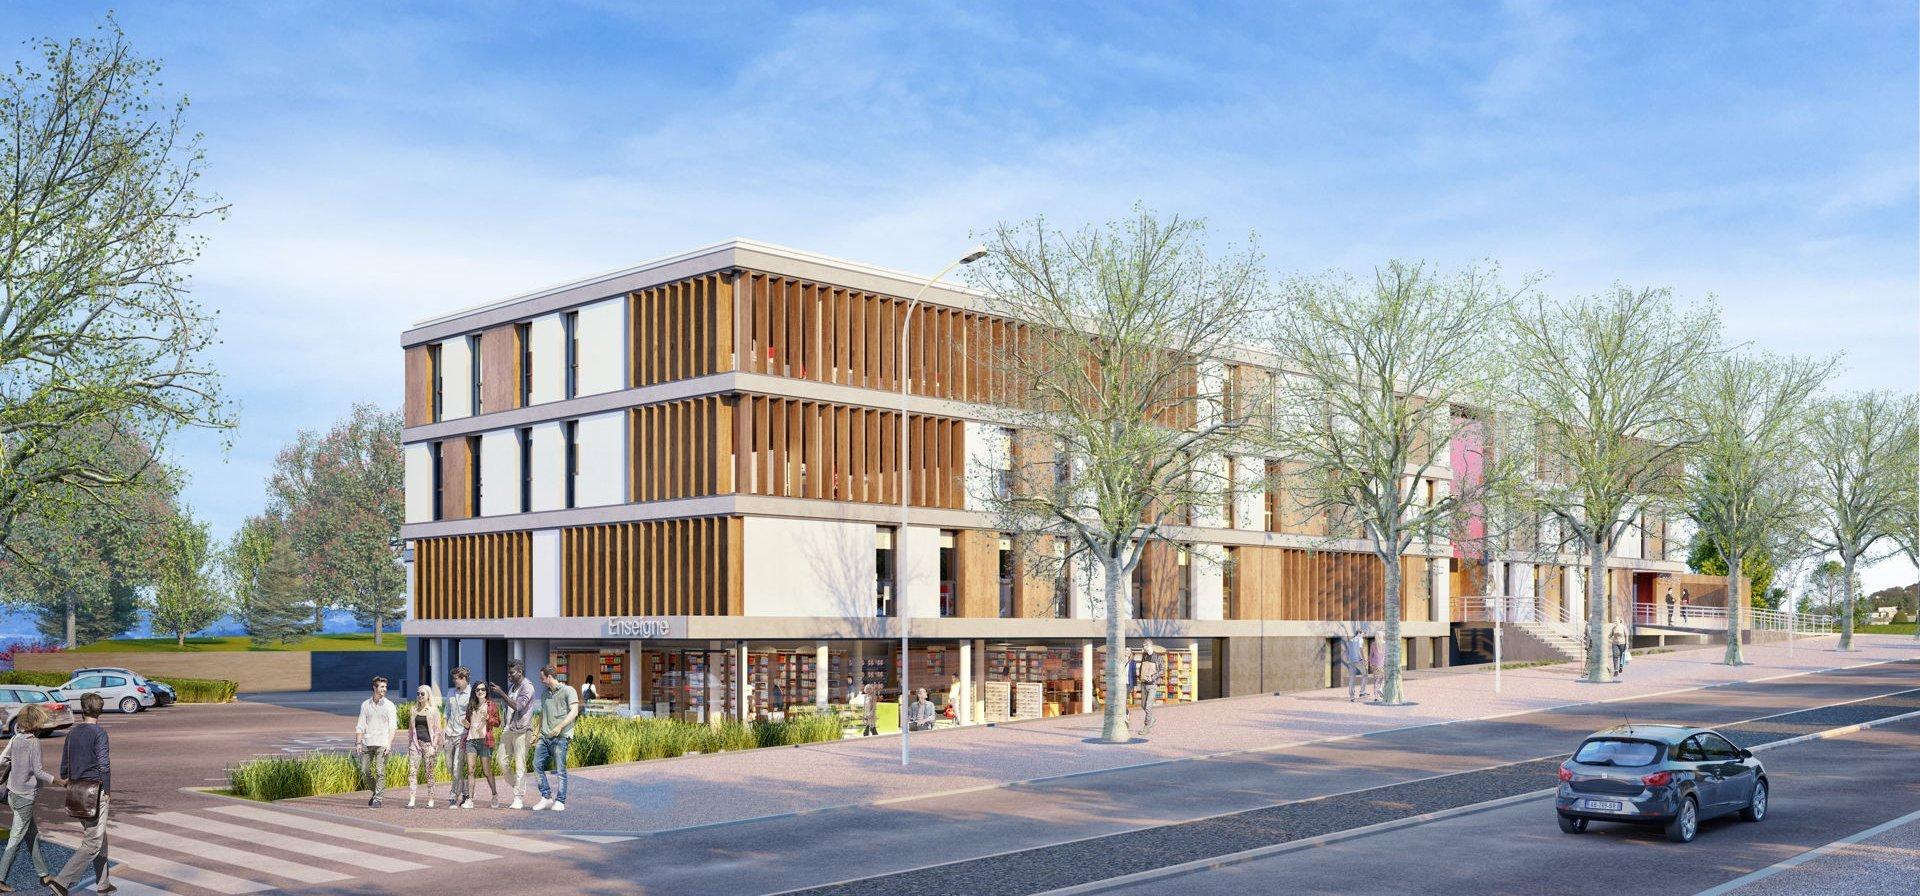 ARTICLE INOVY : Le Canopé, un nouvel immeuble d'activités dans l'agglomération de Saint-Etienne